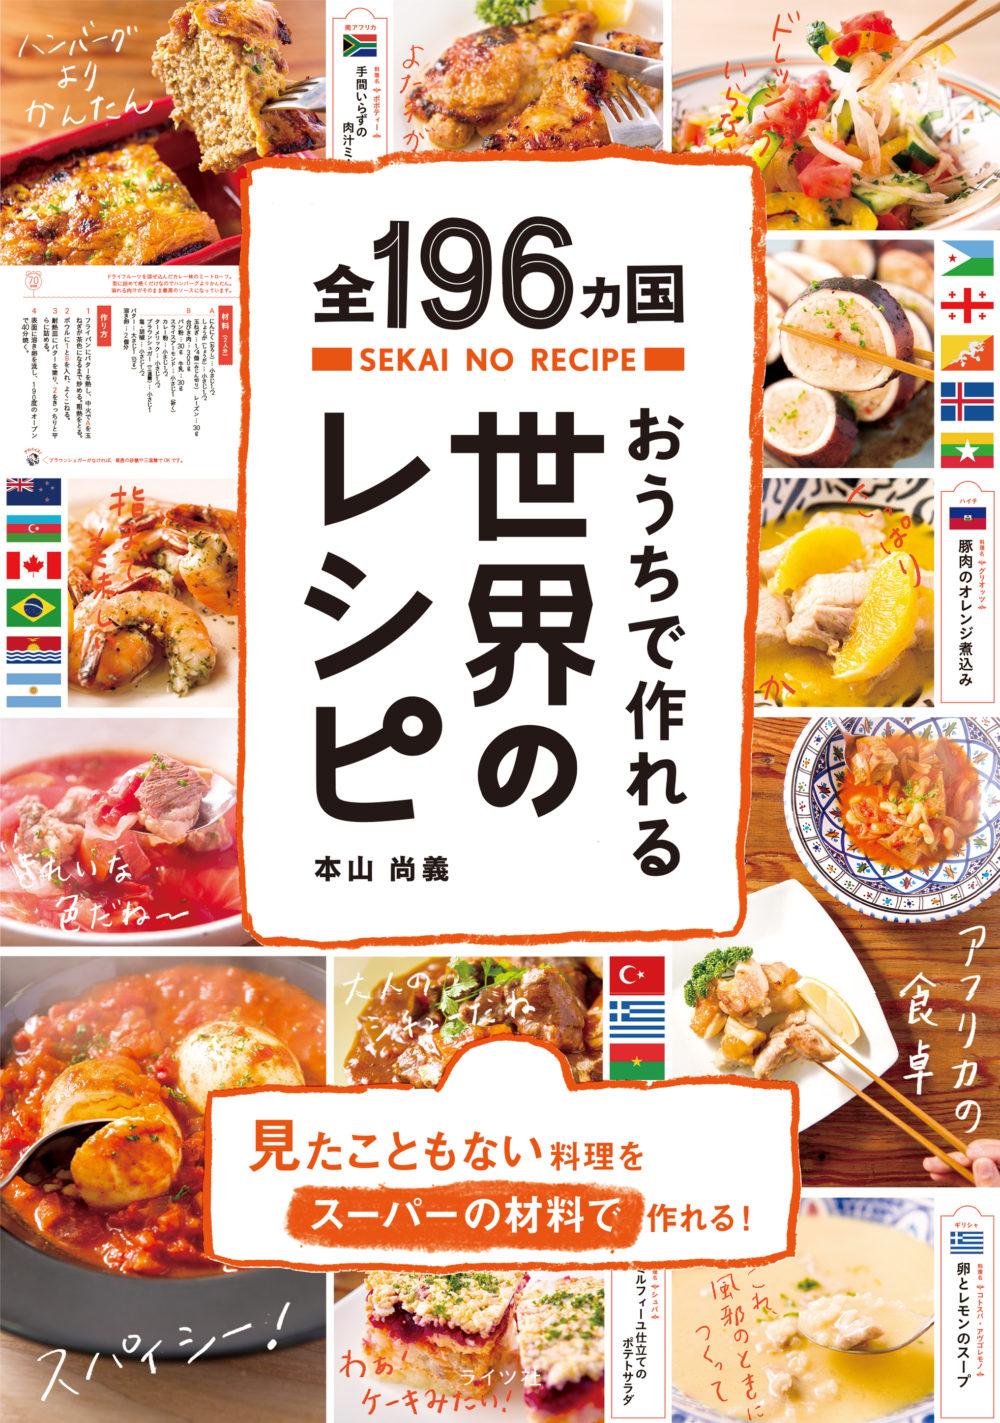 「『全196ヵ国おうちで作れる世界のレシピ』発売!」記事アイキャッチ画像